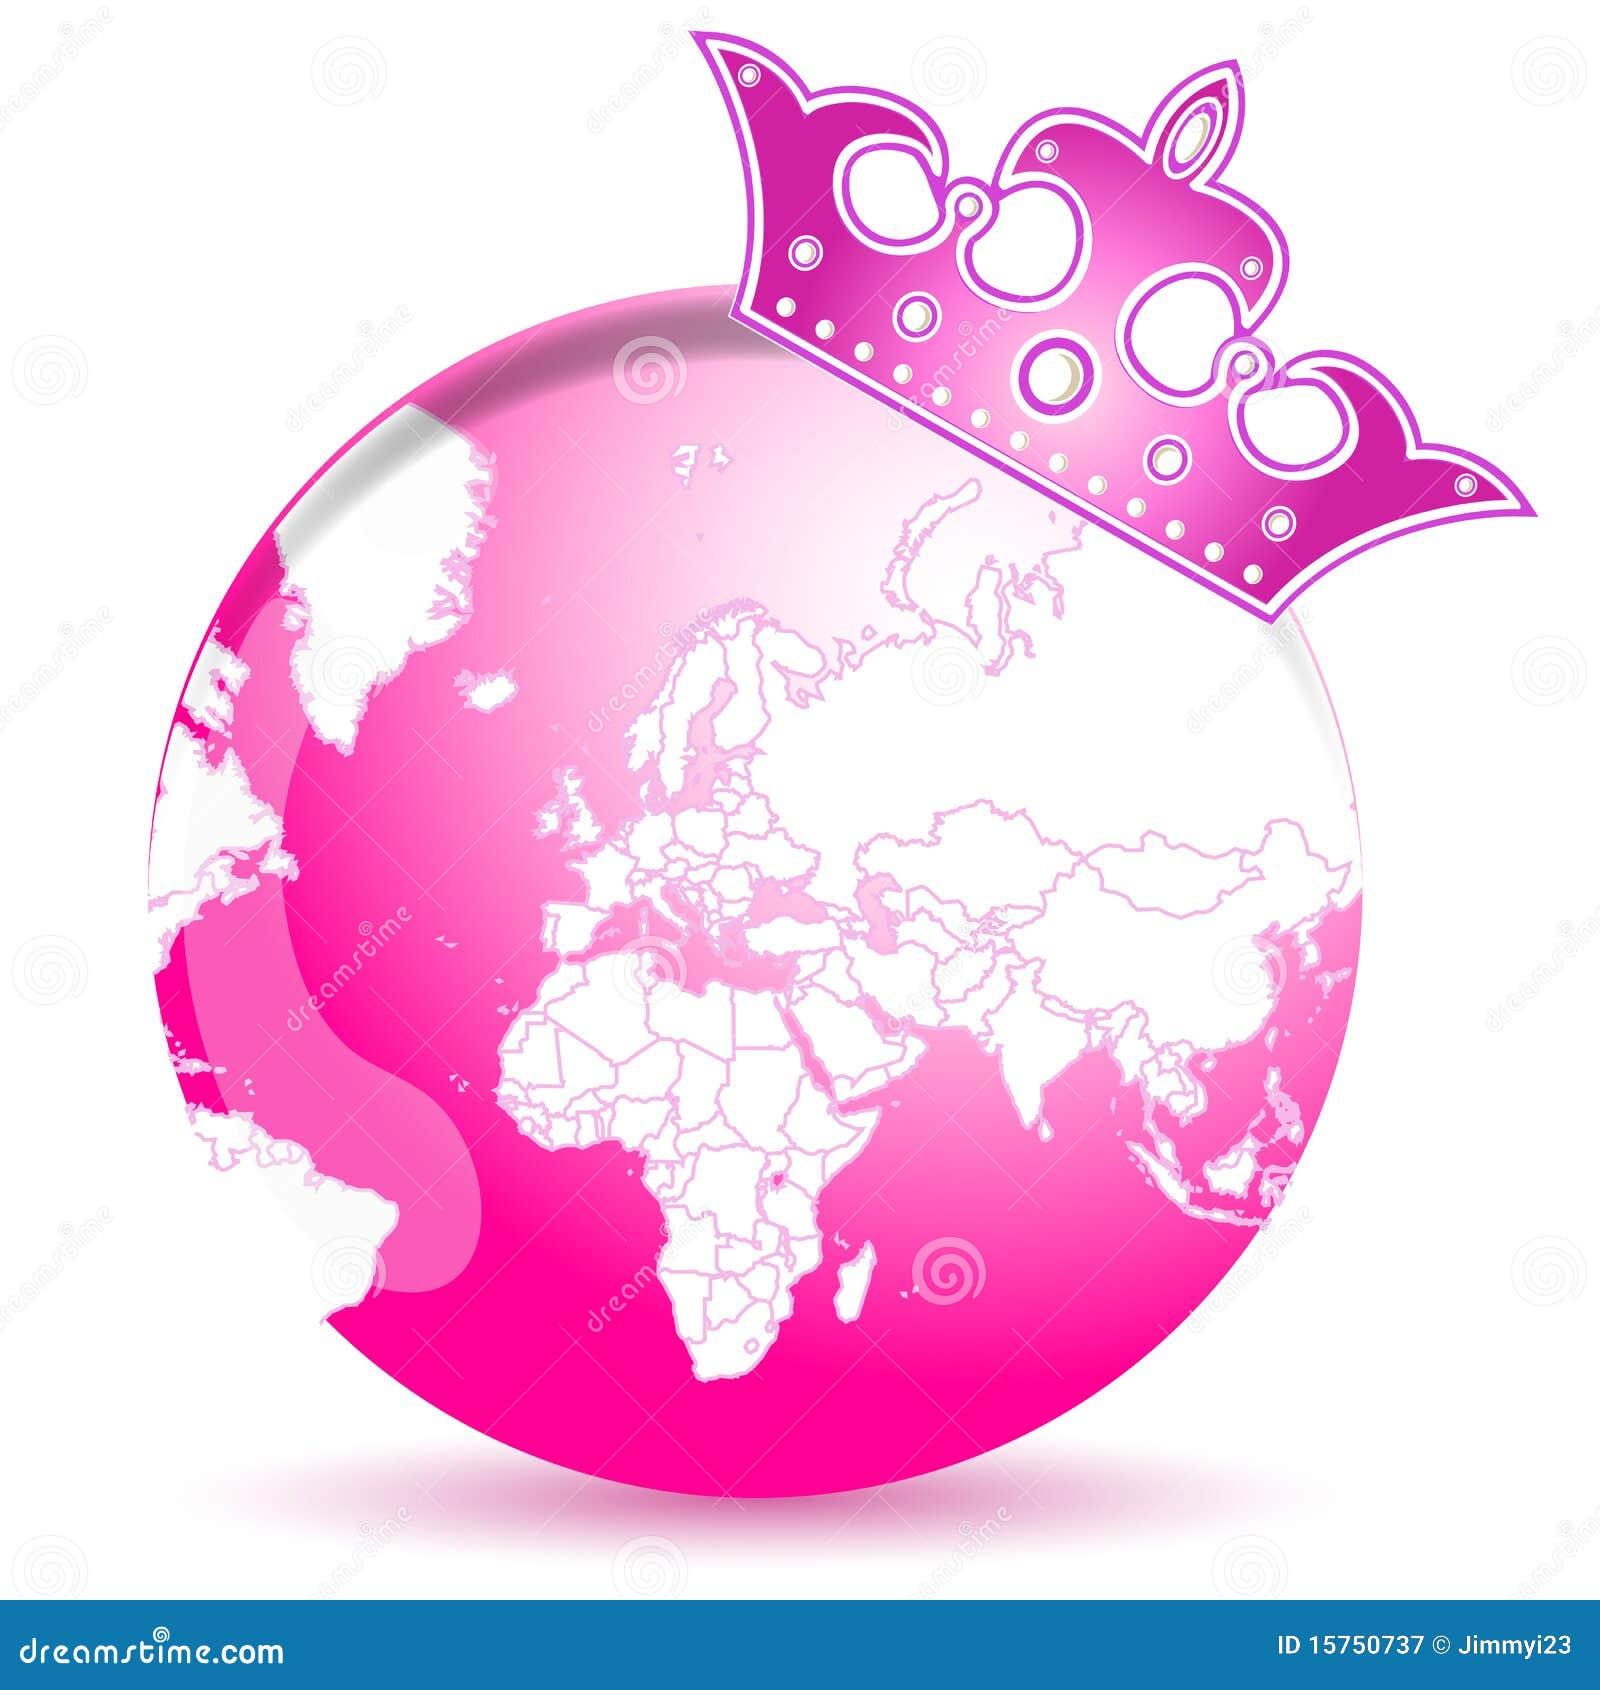 wallpaper of barbie princess